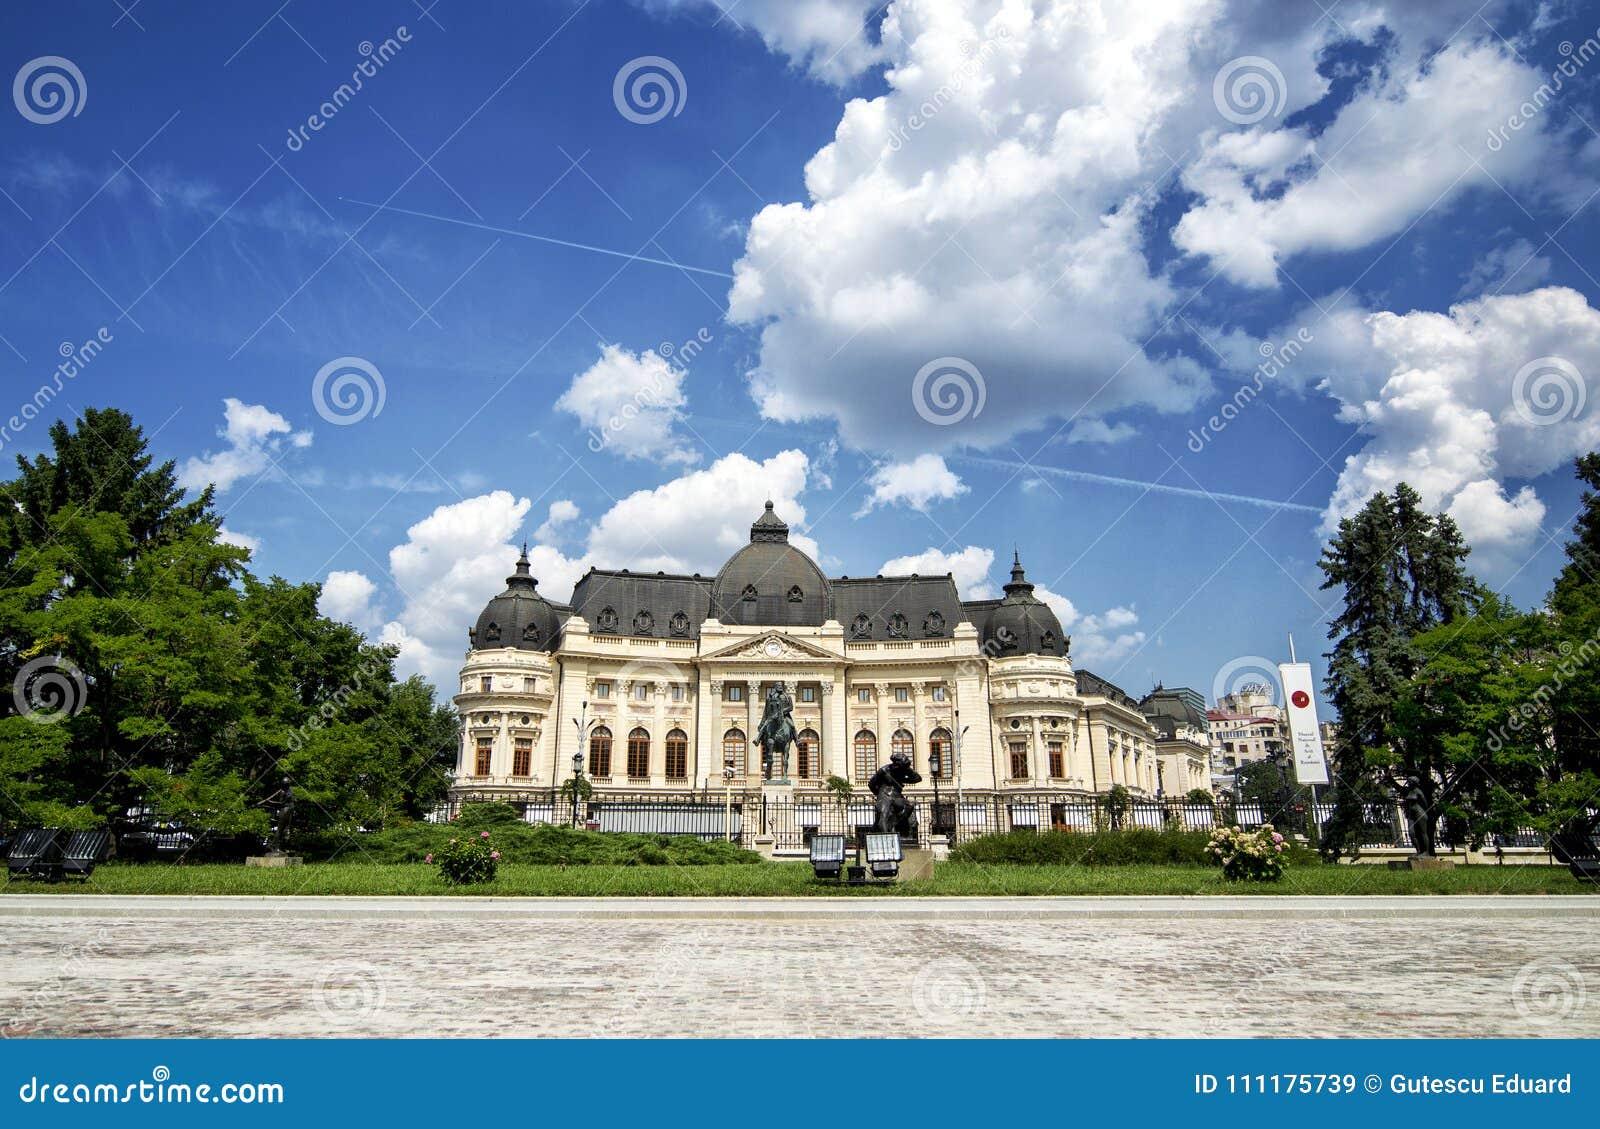 Κεντρική βιβλιοθήκη του Βουκουρεστι ου στην μπλε ώρα στο θερινό χρόνο